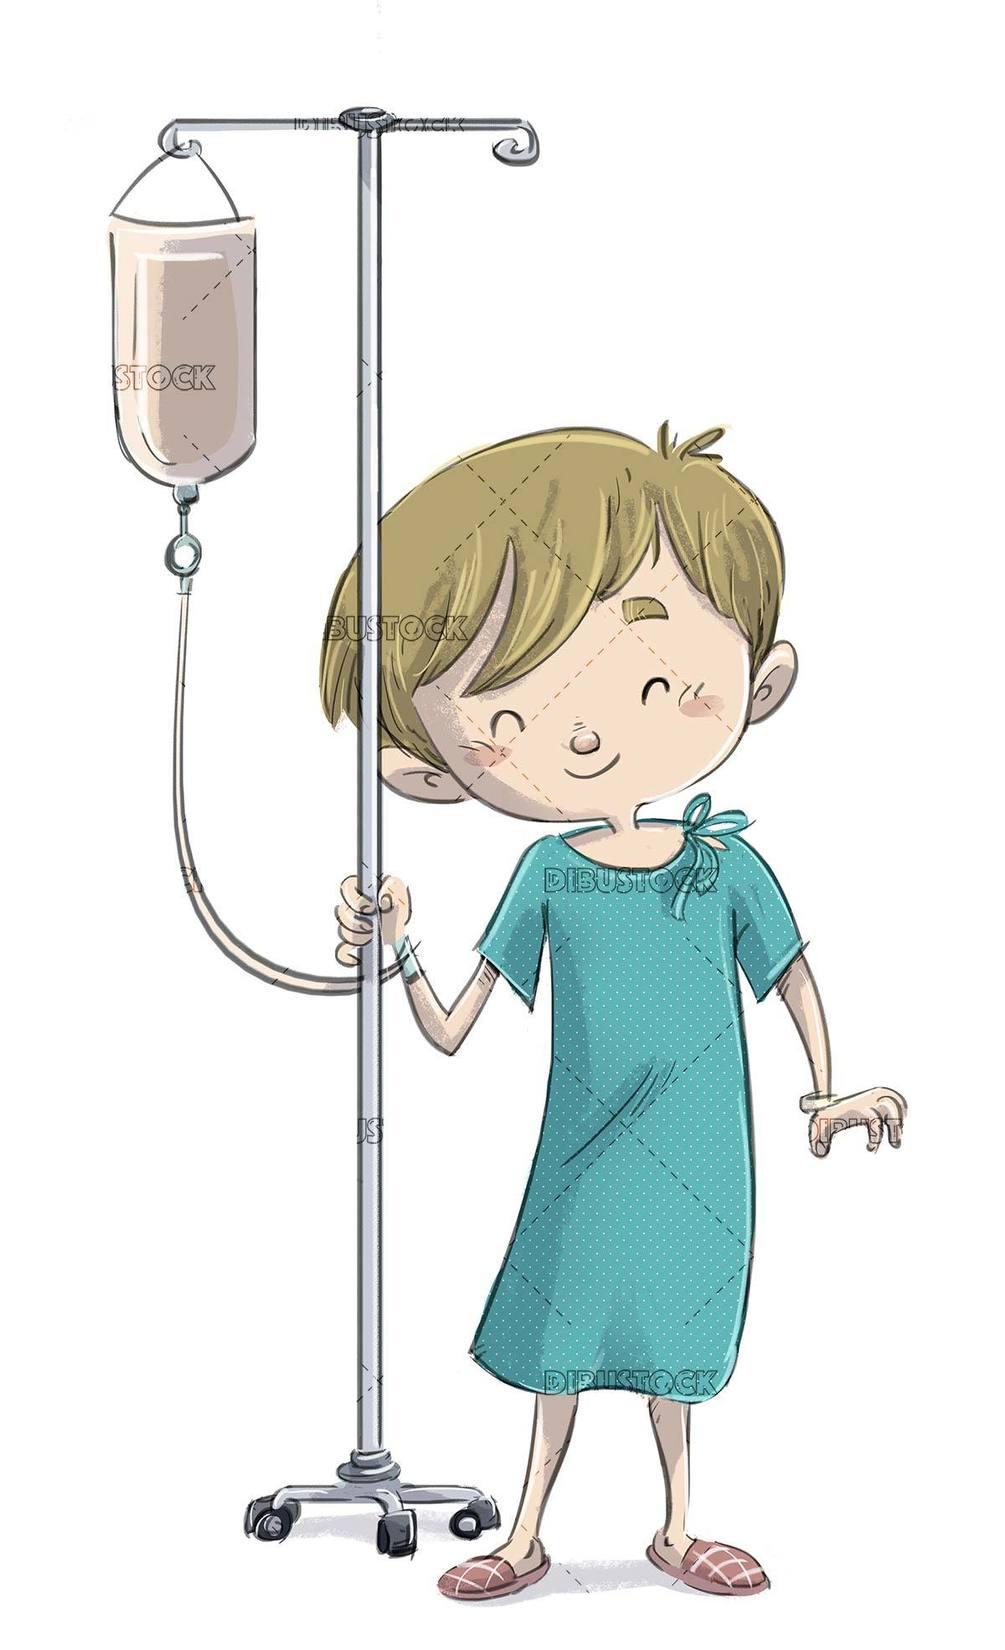 sick boy carrying a serum holder